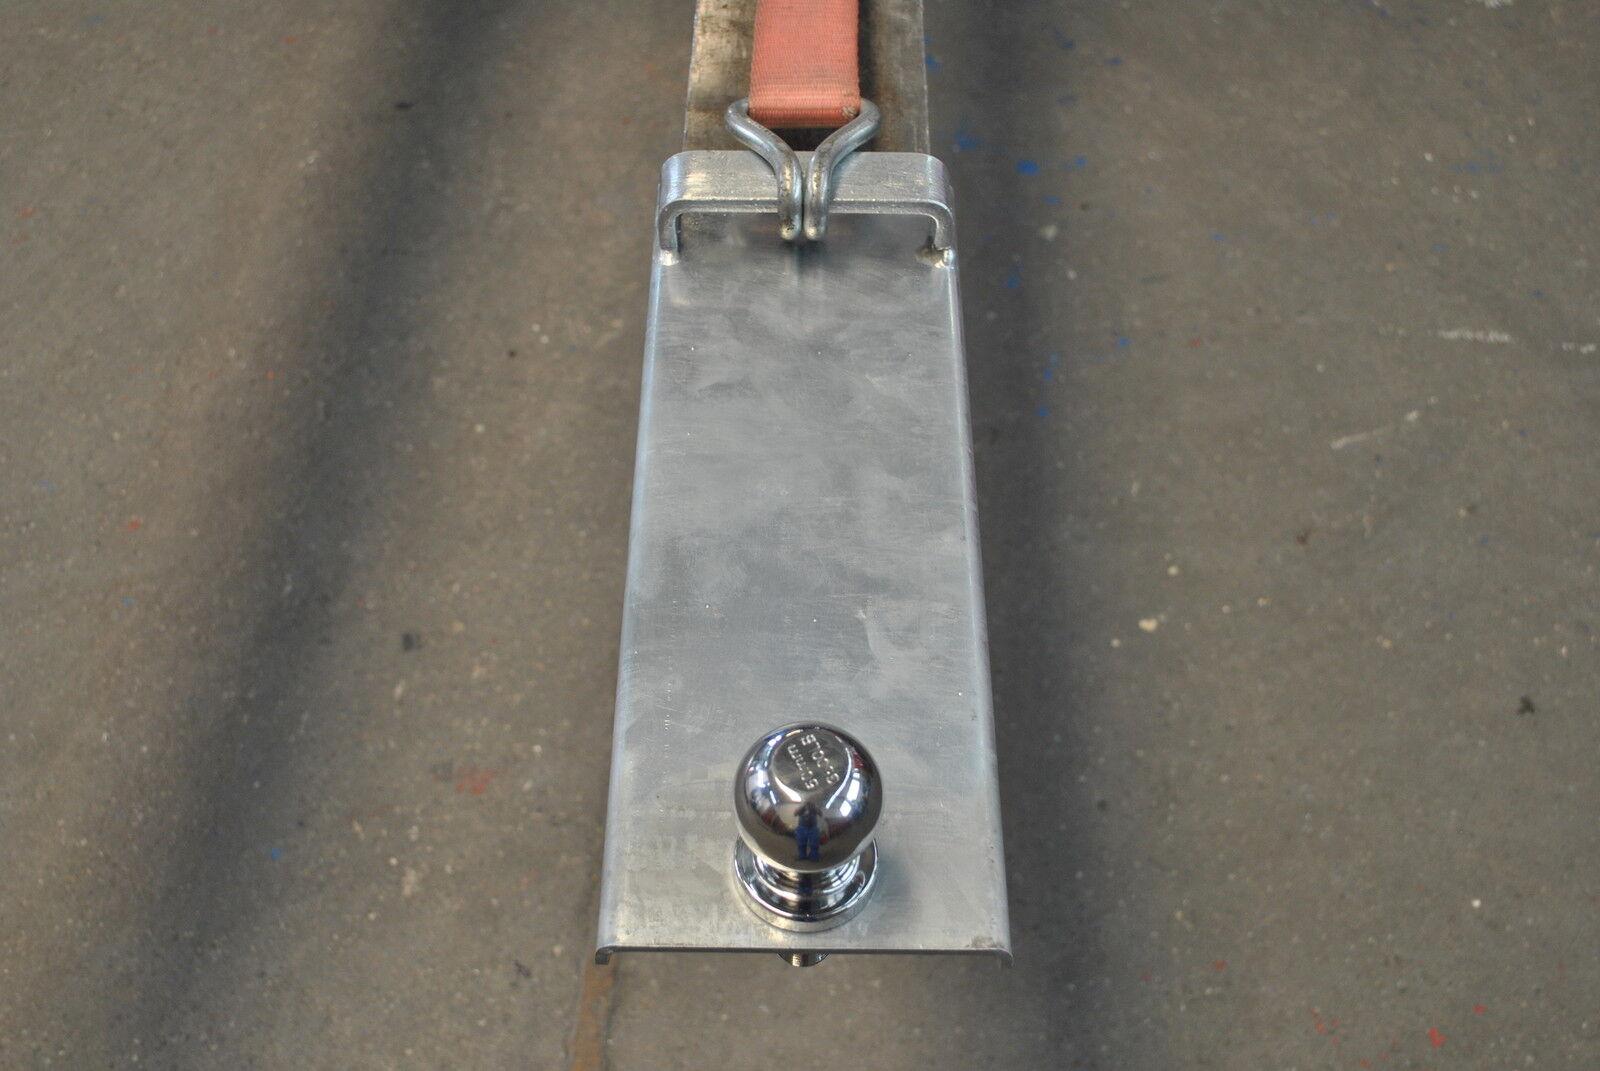 Rangierhilfe Innenmaß 110mm für Gabelstapler Gabelstapler Gabelstapler Radlader Stapler Anhängerkupplung 4dfa84